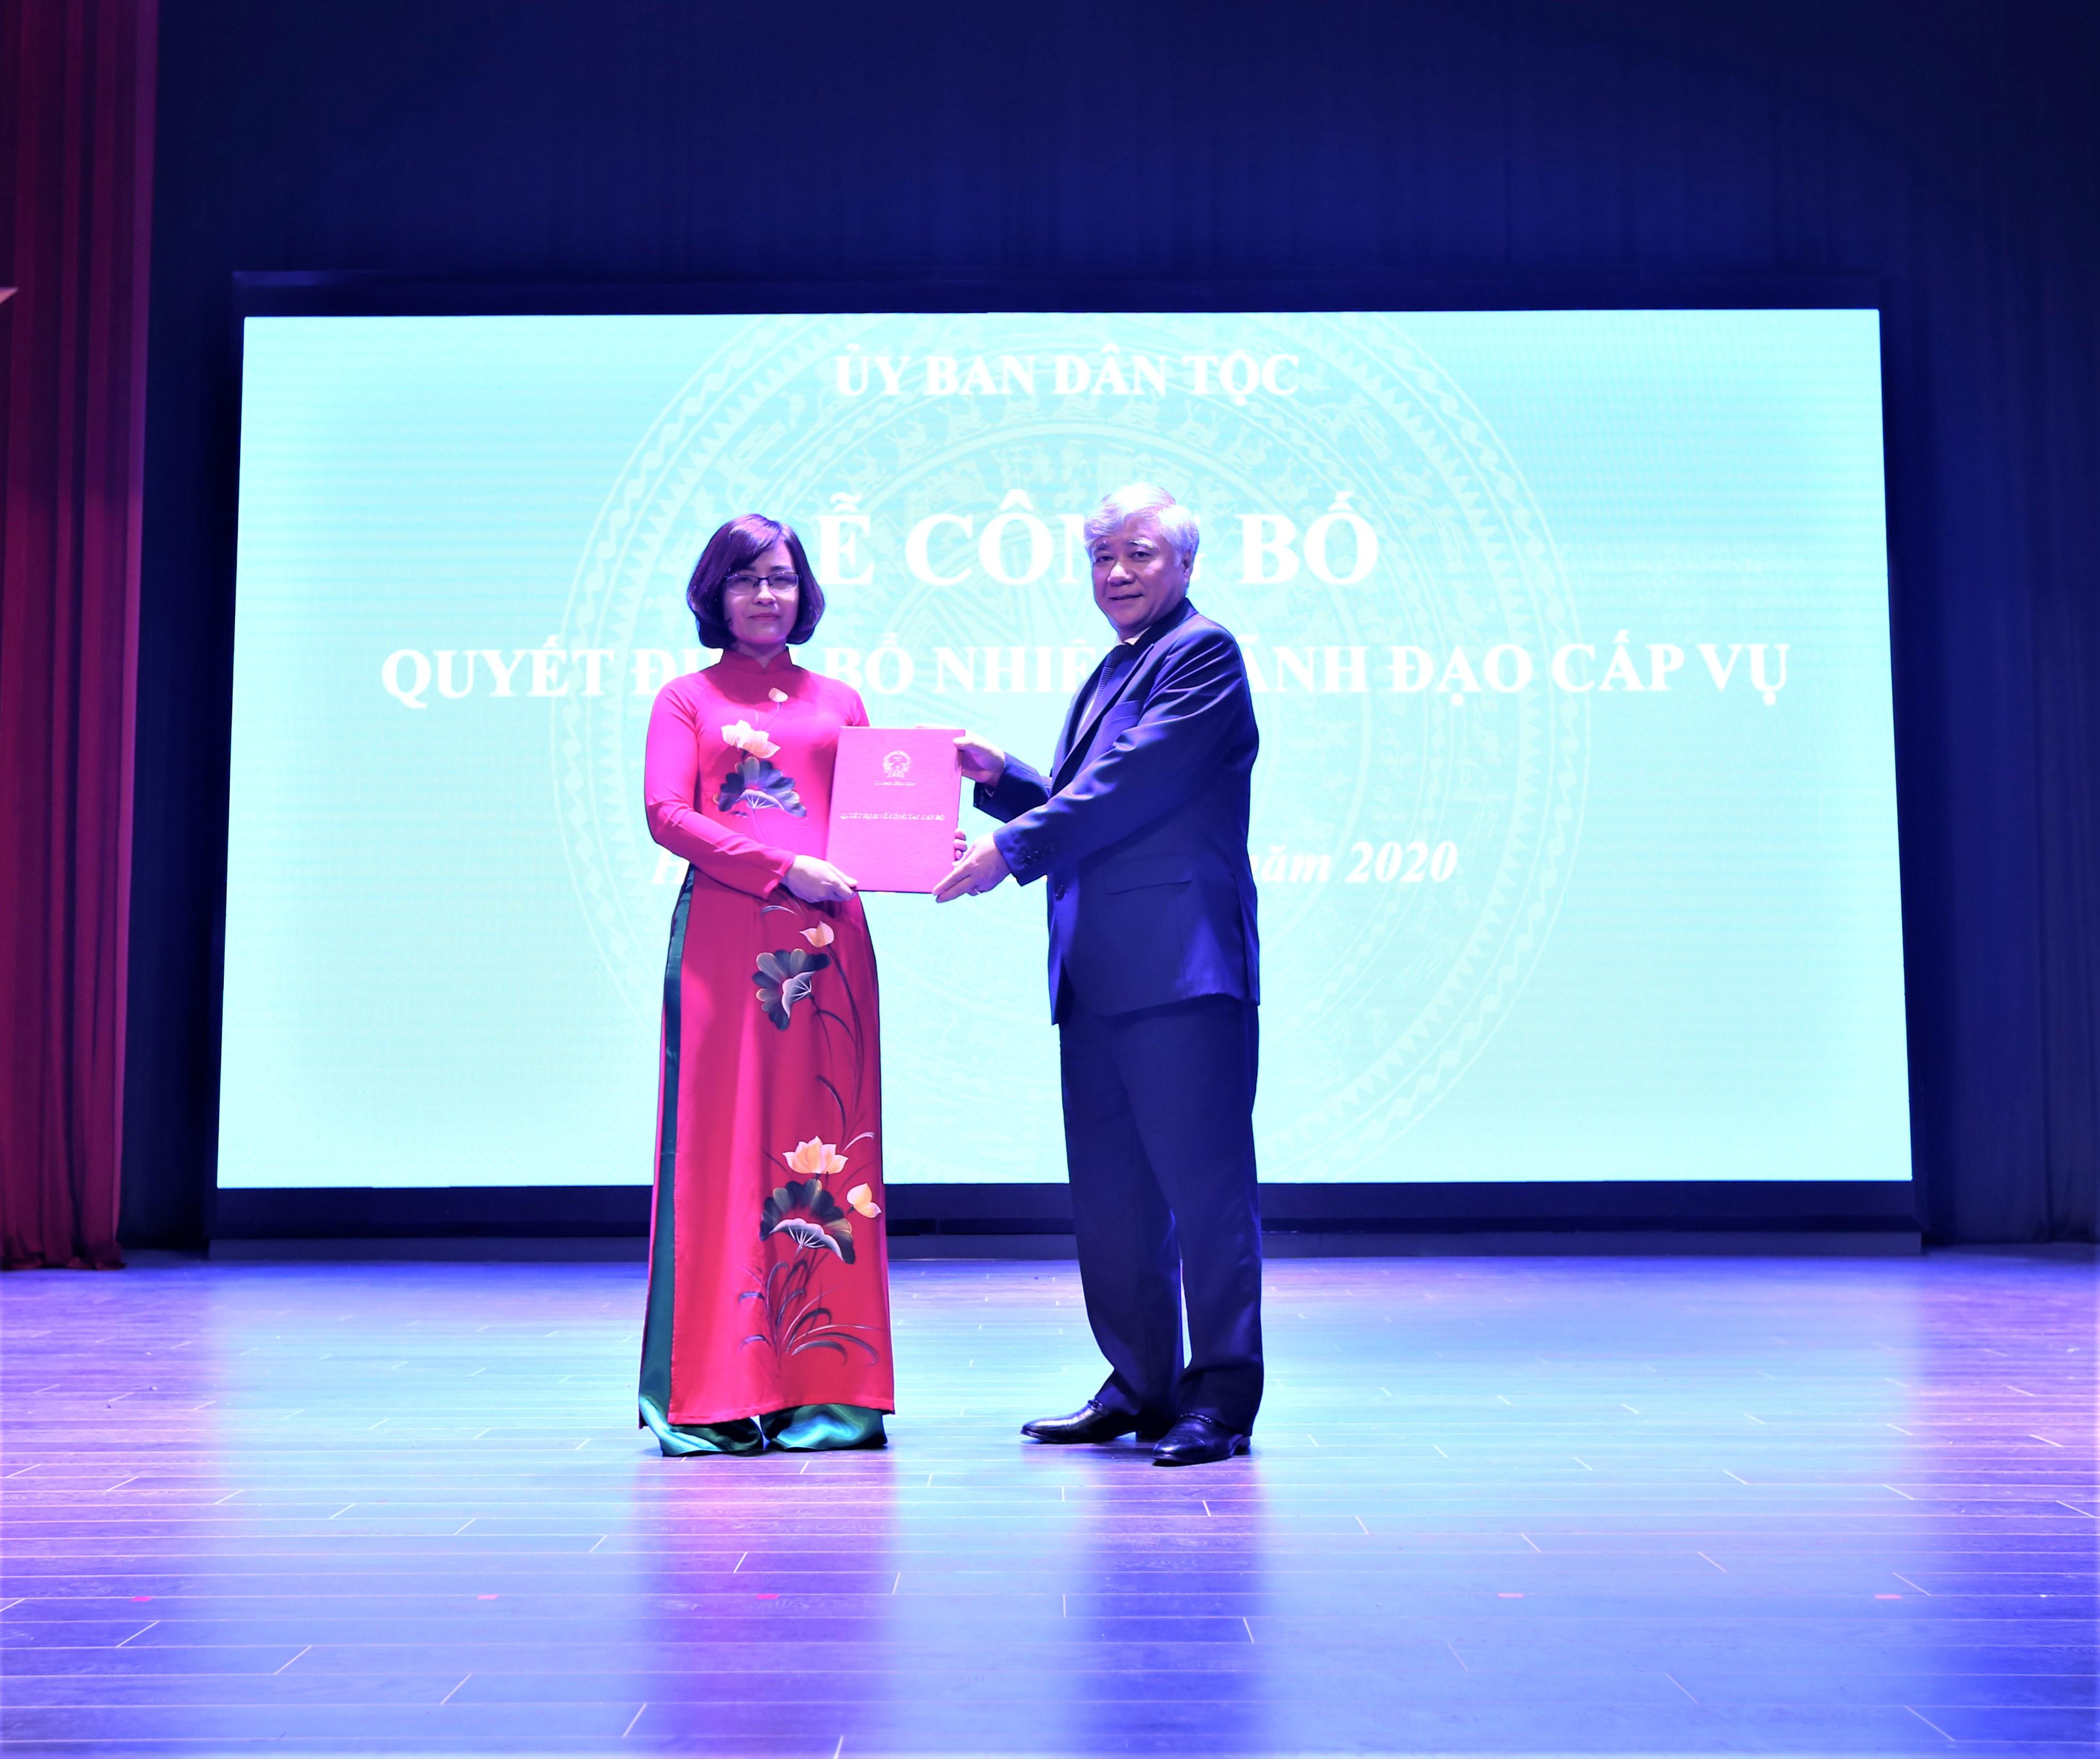 Bộ trưởng, Chủ nhiệm UBDT Đỗ Văn Chiến trao Quyết định bổ nhiệm cho bà Trần Thu Hà